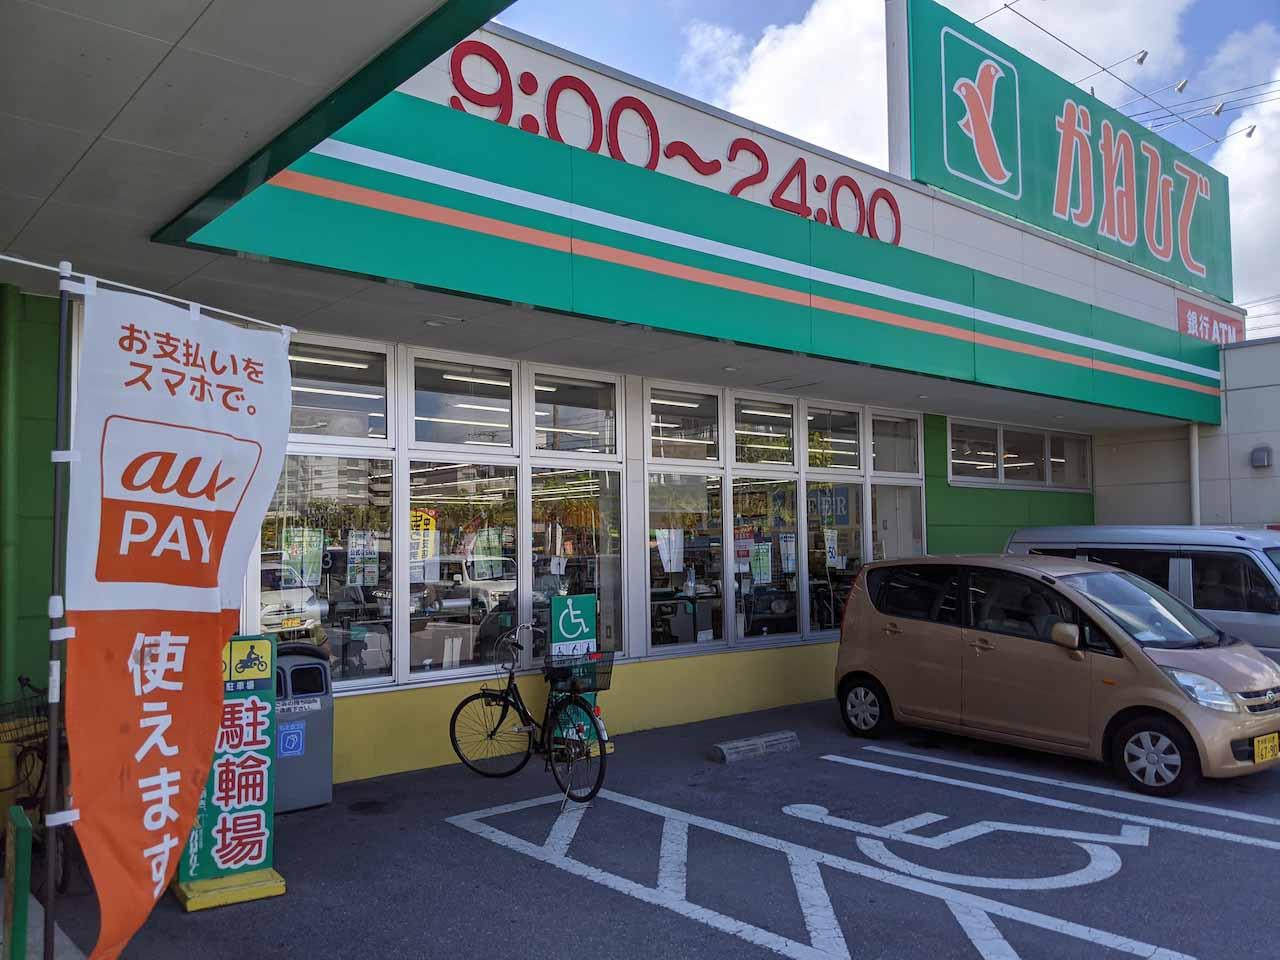 沖縄の地場スーパー「かねひで」では3種のコード決済(PayPay、メルペイ、au PAY)とクレジットカード、電子マネー系サービス(楽天Edy、iD)に対応